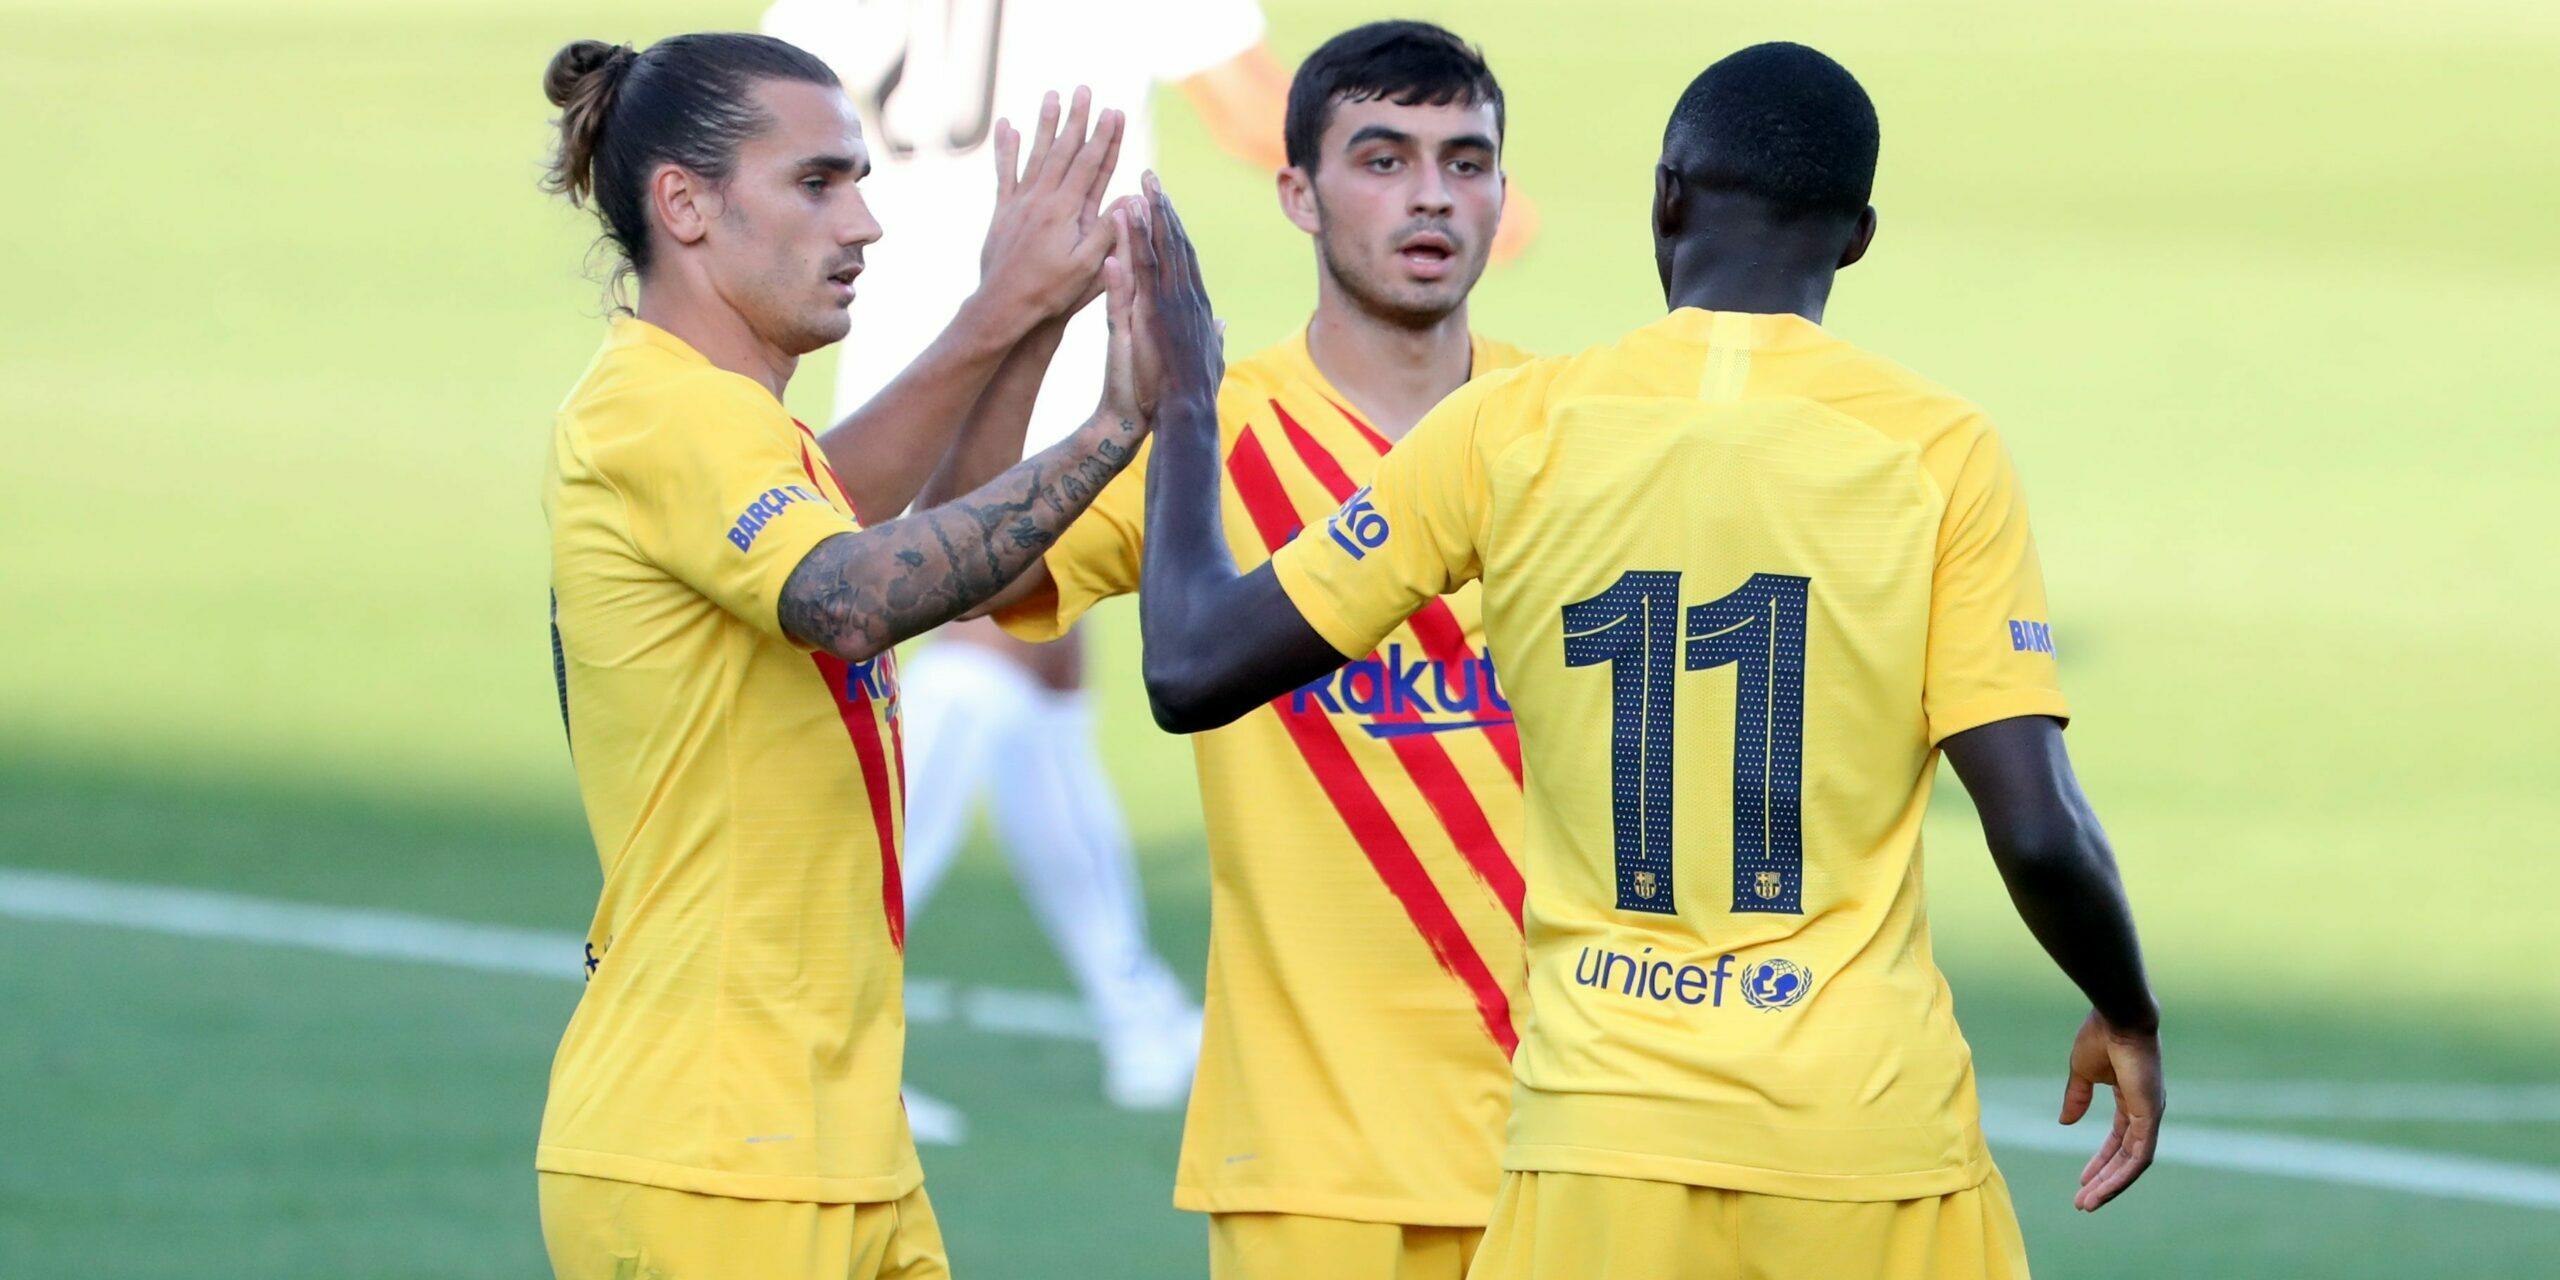 Pedri, Griezmann i Dembélé celebren un gol | FC Barcelona